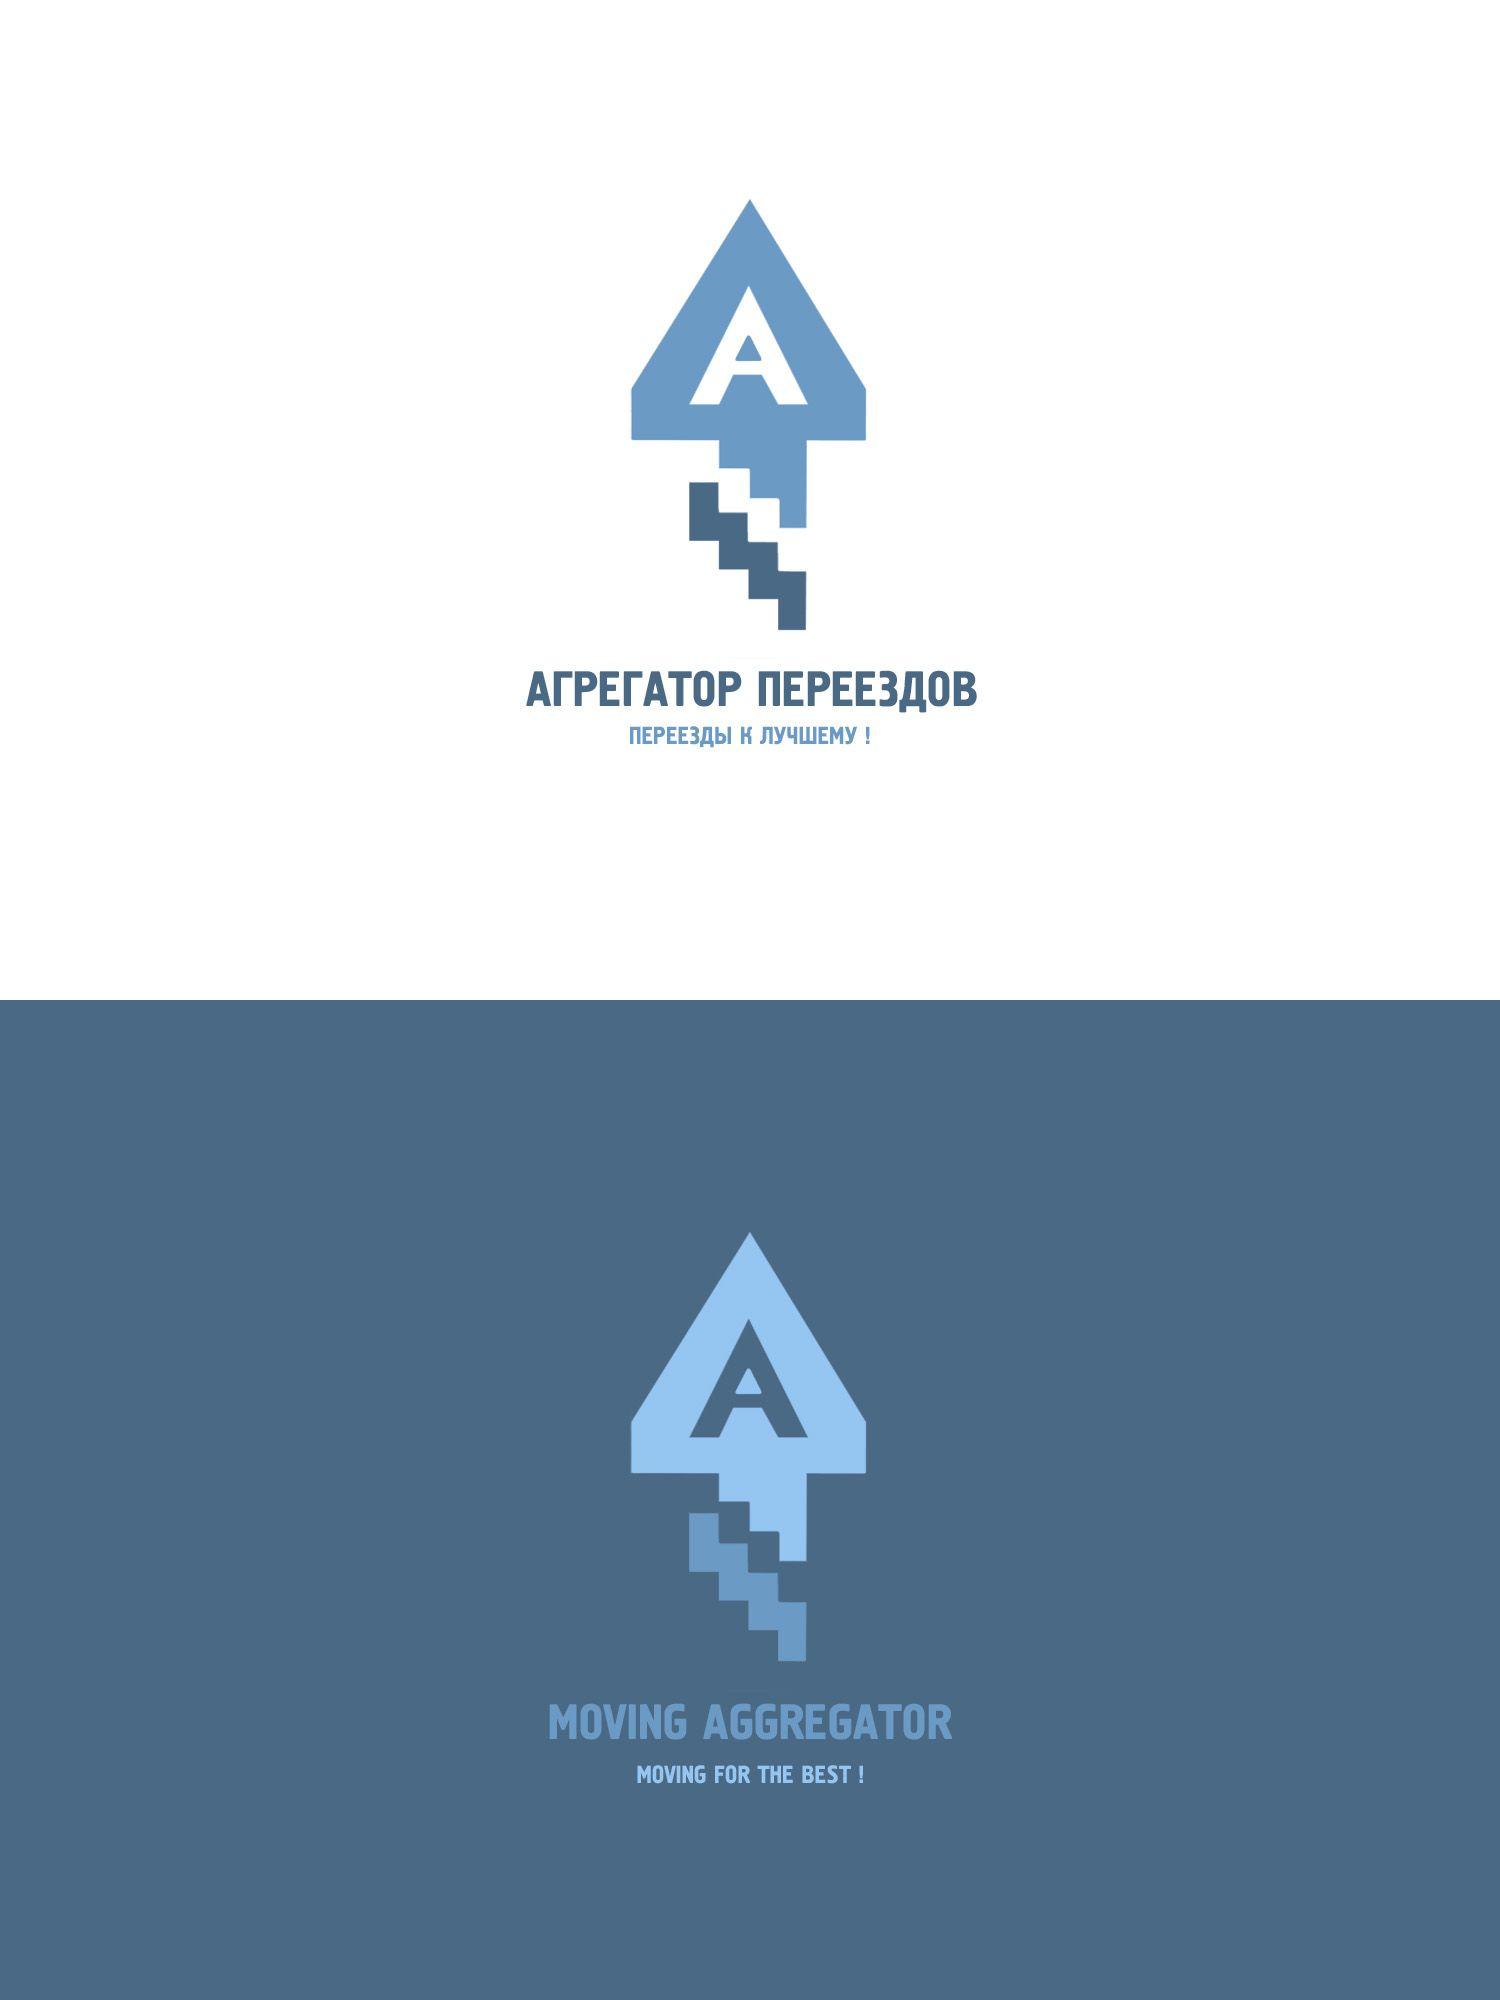 Логотип для компании Агрегатор переездов - дизайнер pashzilyov